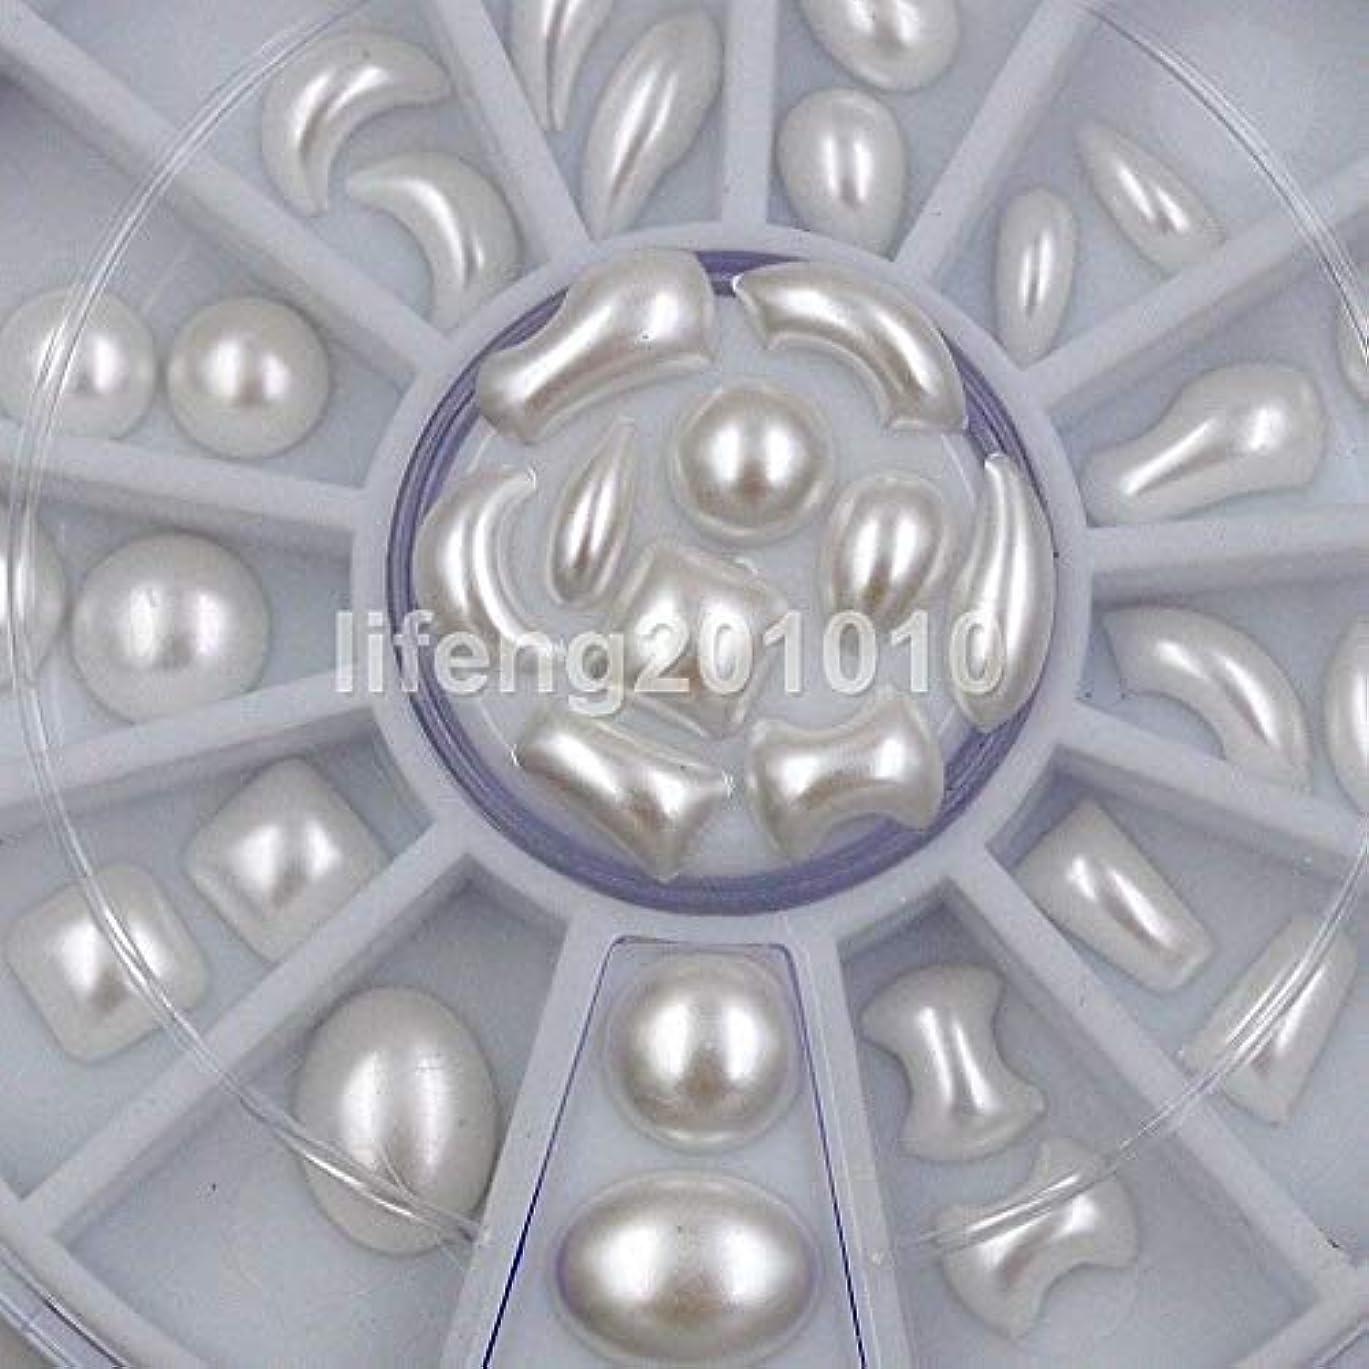 買収酸素隠FidgetGear ミックスデザインホワイト3dグリッターネイルアートデコレーションラインストーンパールホットホイールP